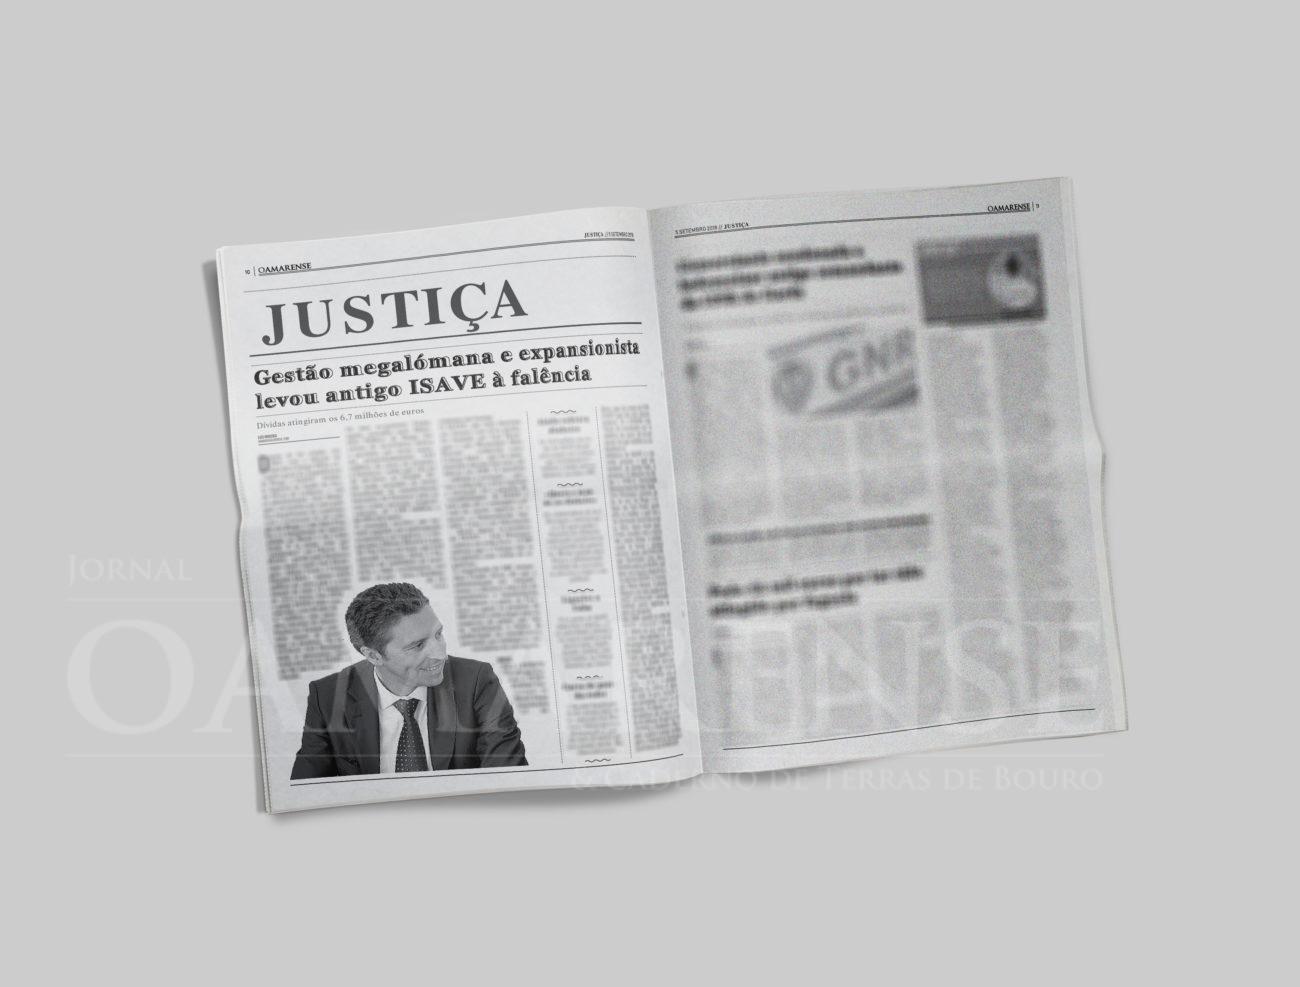 EDIÇÃO IMPRESSA - Gestão megalómana e expansionista levou antigo ISAVE à falência